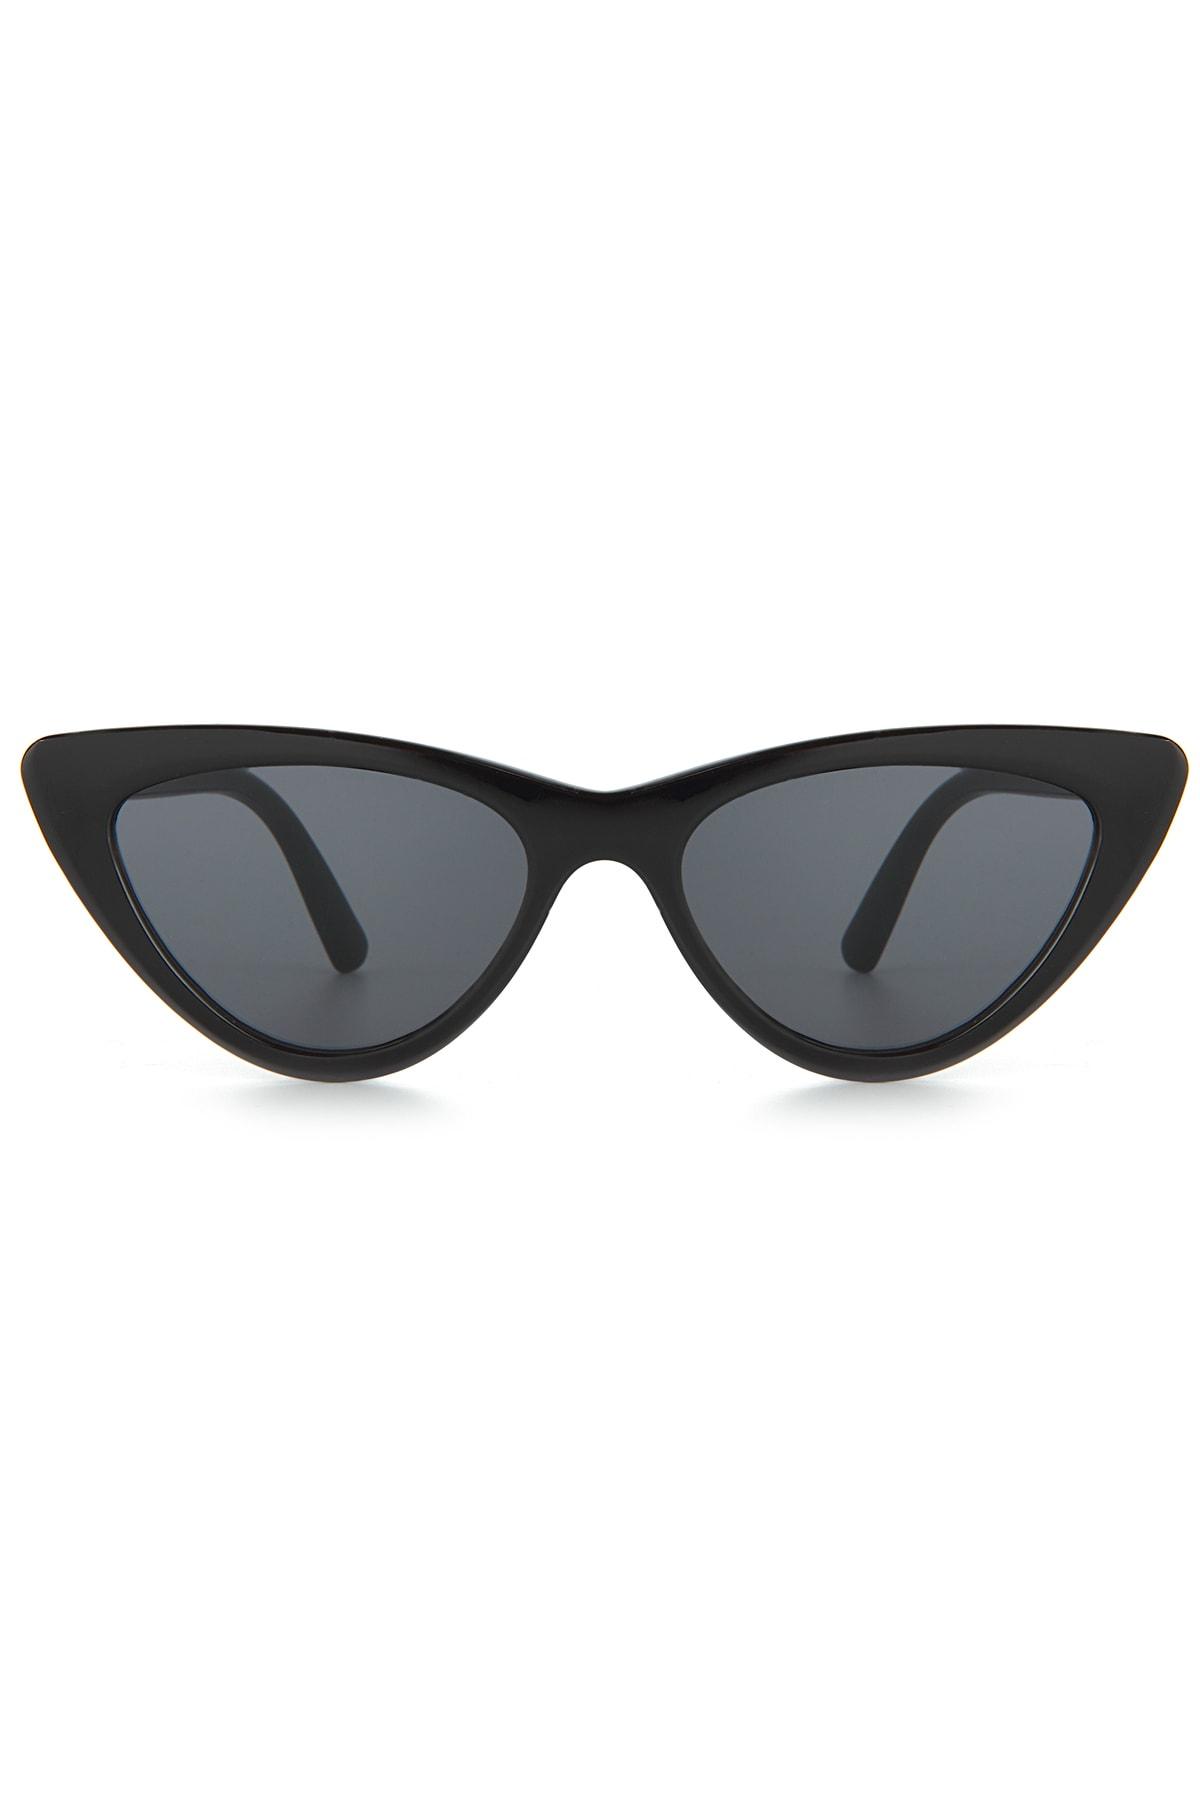 Aqua Di Polo 1987 Pld17b198501 Siyah Kadın Gözlük 100438784 1